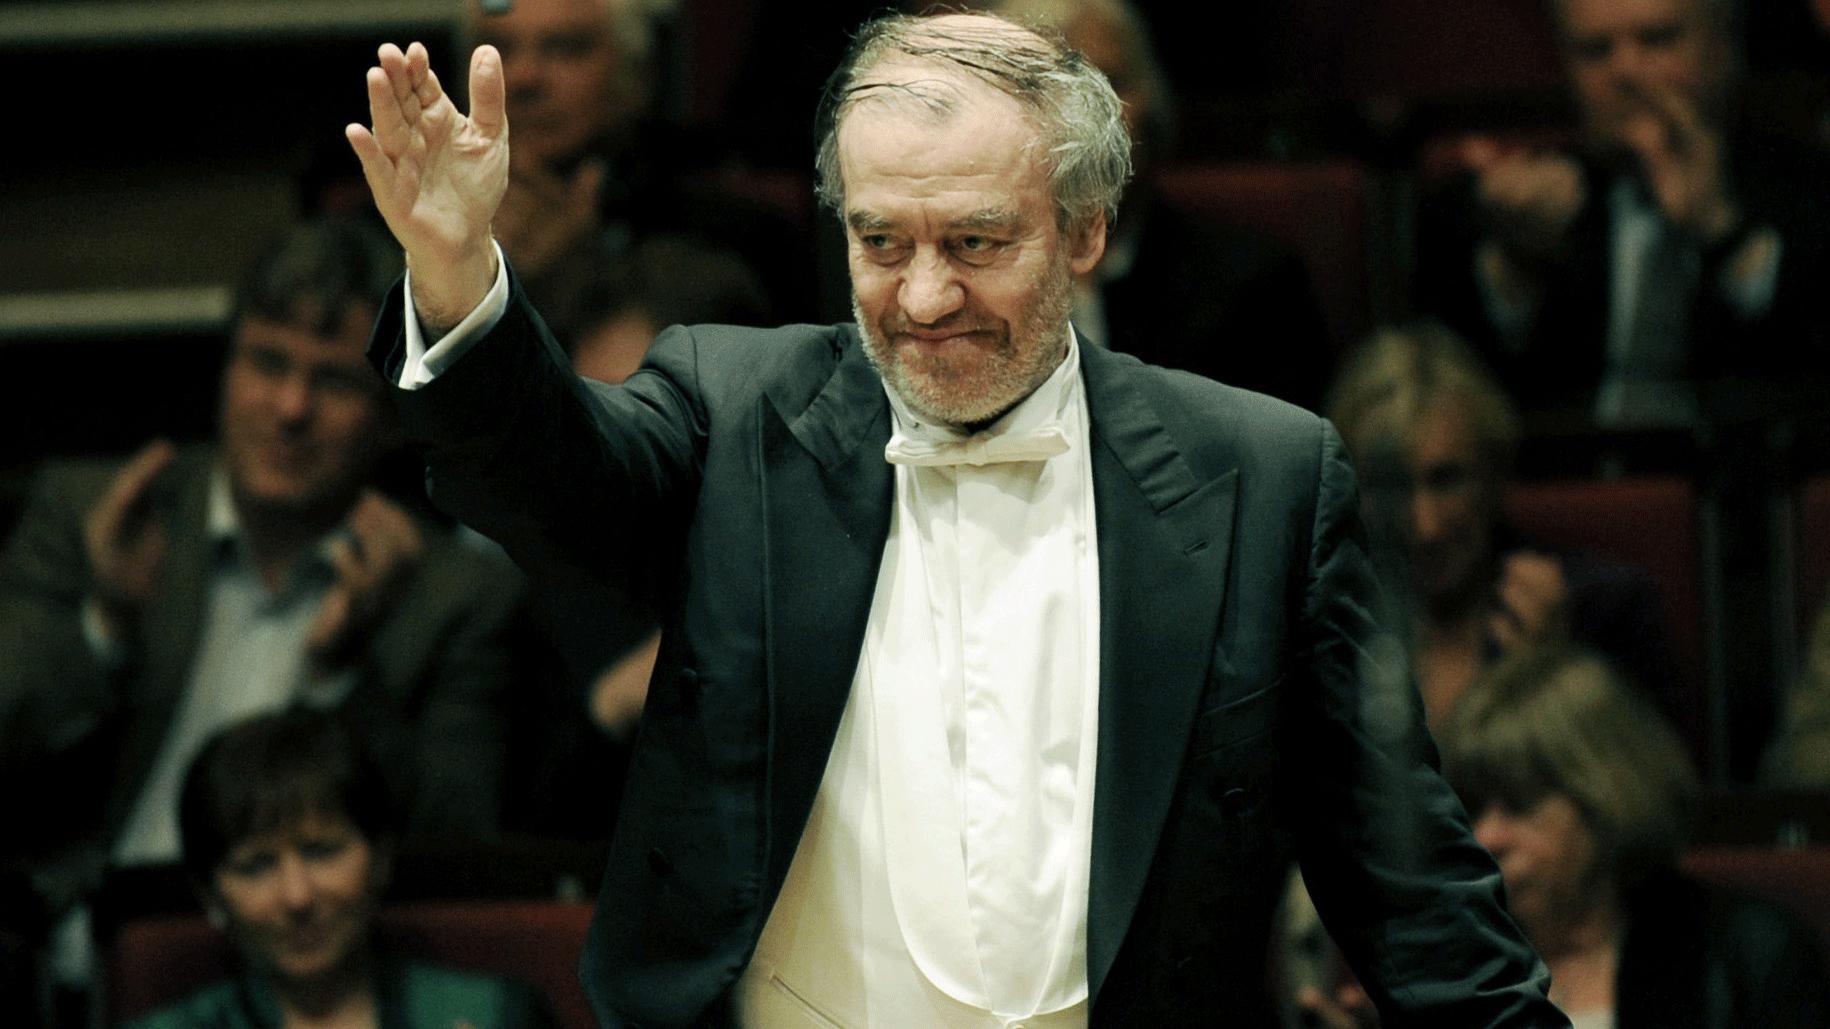 Valery Gergiev dirige Strauss et Berlioz – Avec Yulia Matochkina, Yekaterina Krapivina, Sergei Semishkur, Evgeny Akhmedov et Yuri Vorobiev